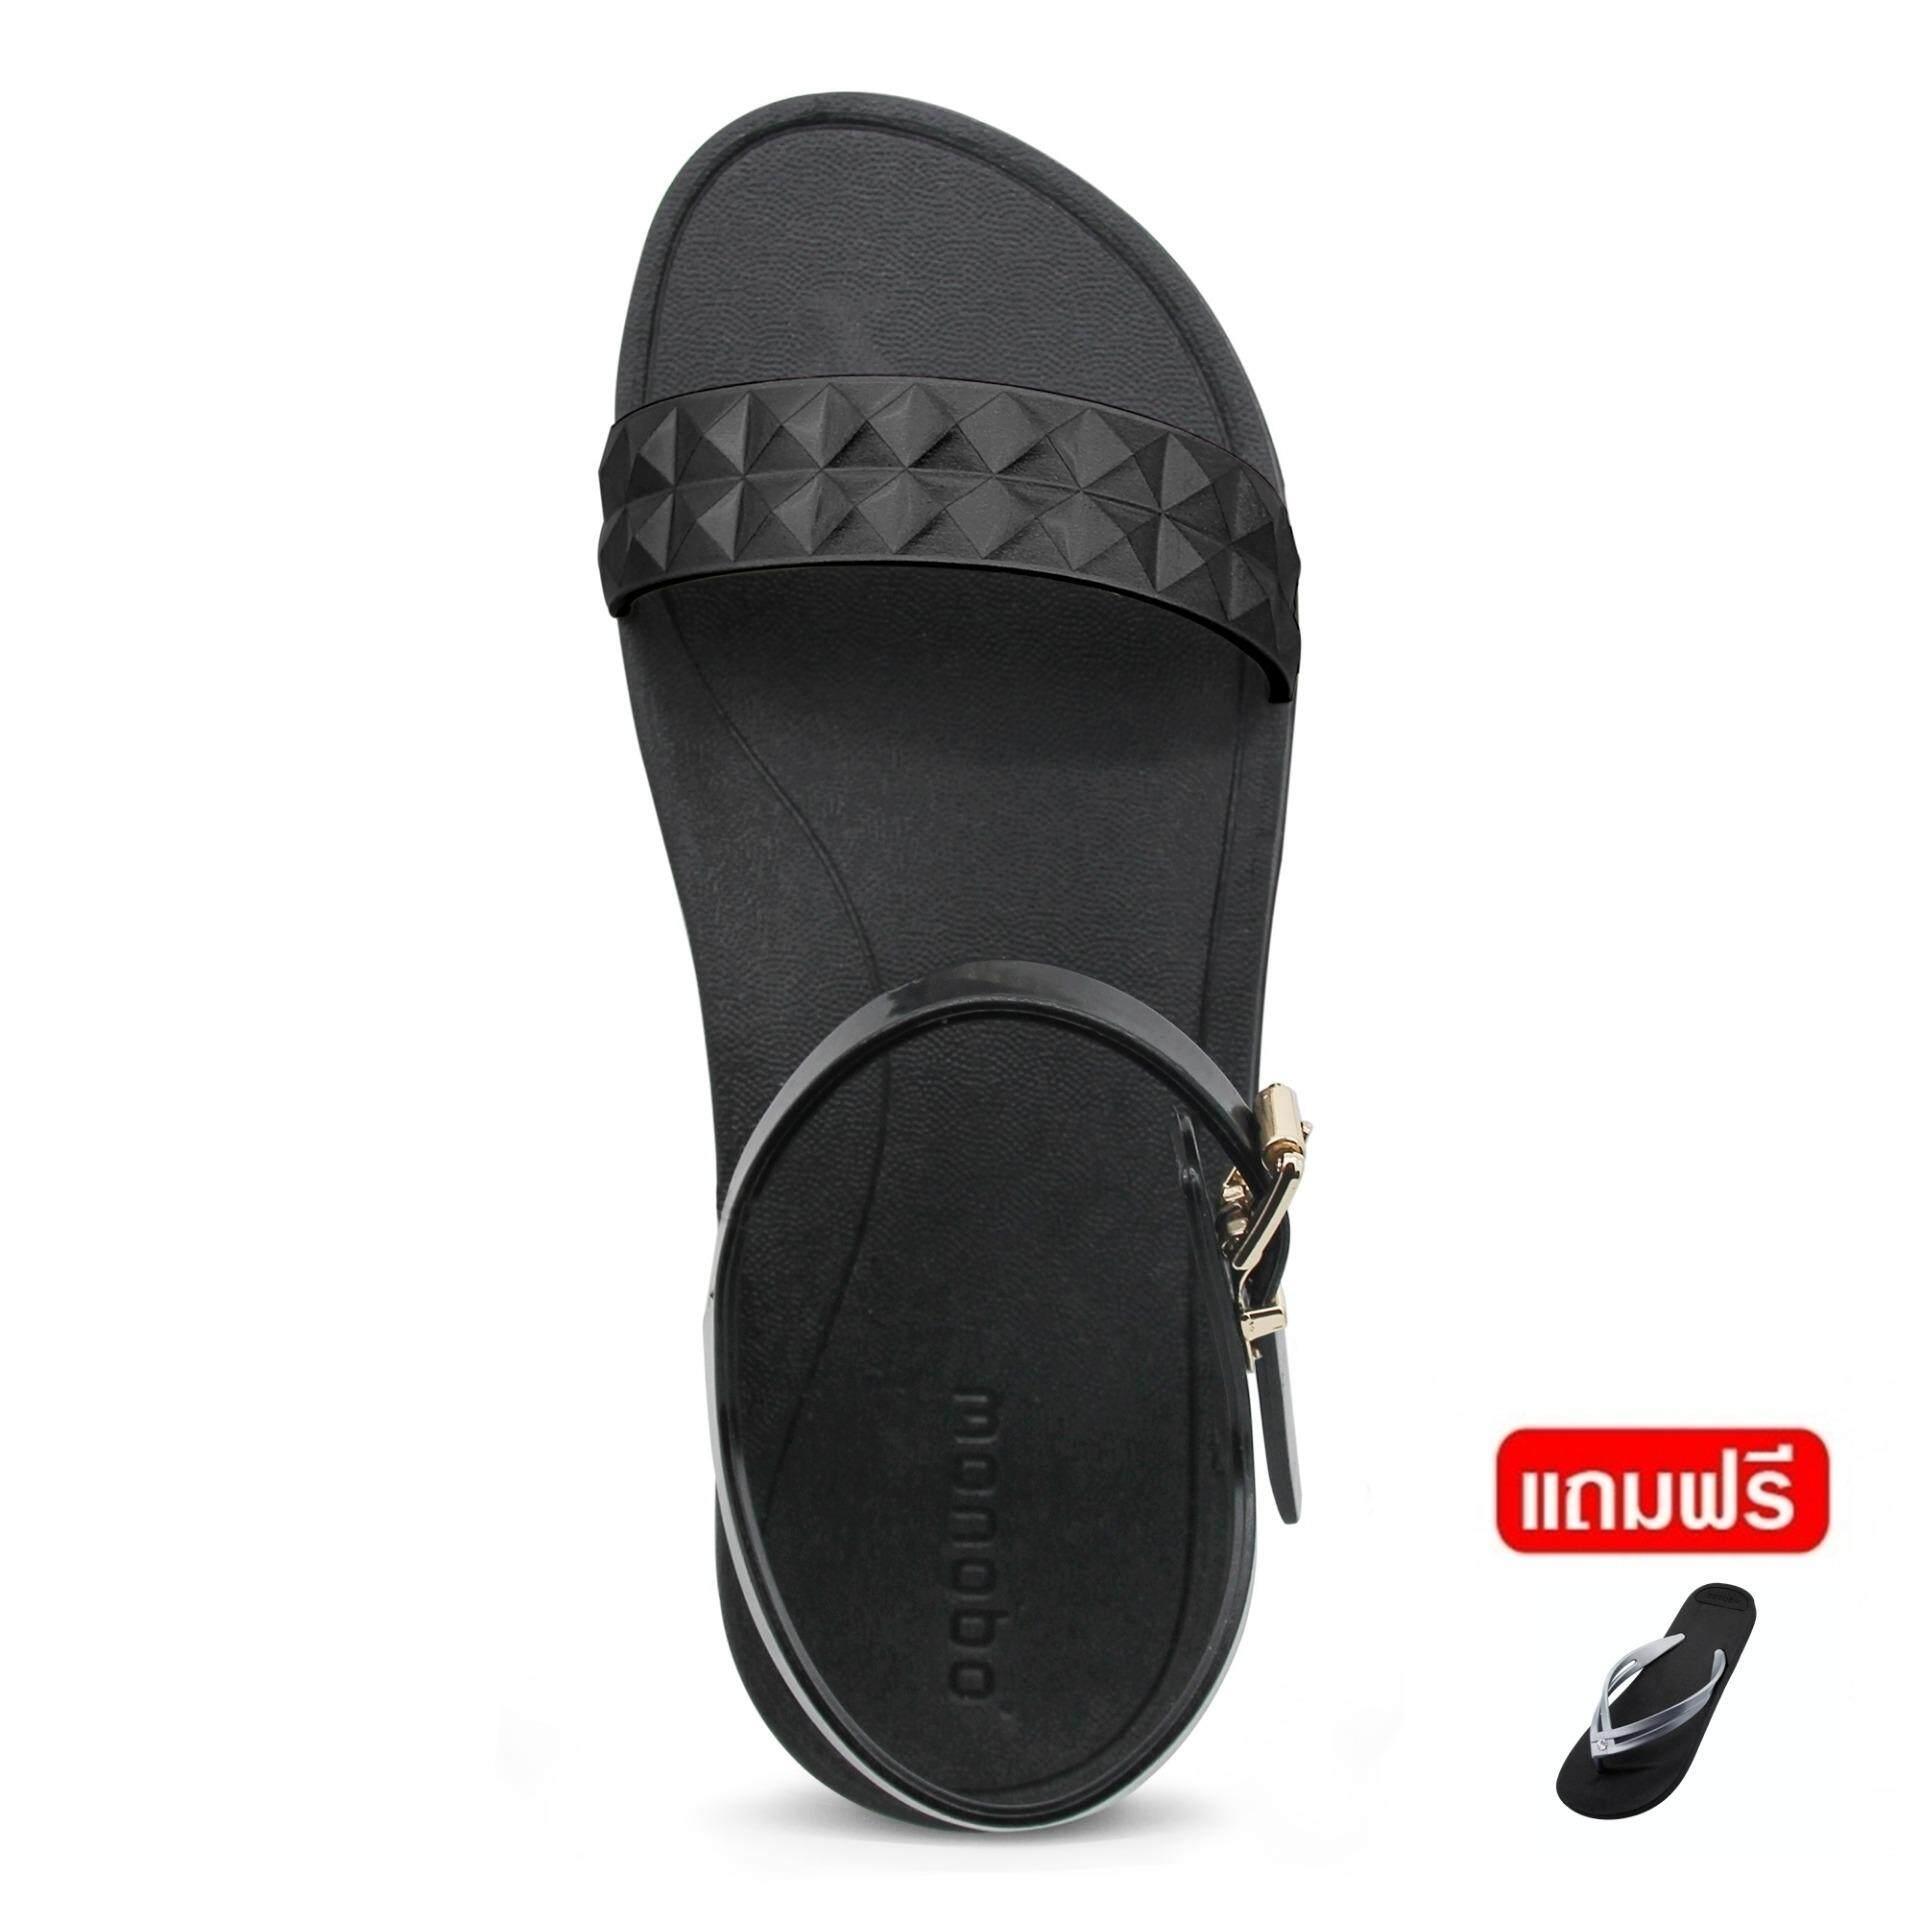 addc400839d7 ลดราคา MONOBO รองเท้ารัดส้น รุ่น Norah 7 สีดำ ดำเมทาลิค ราคาถูกส่ง ...